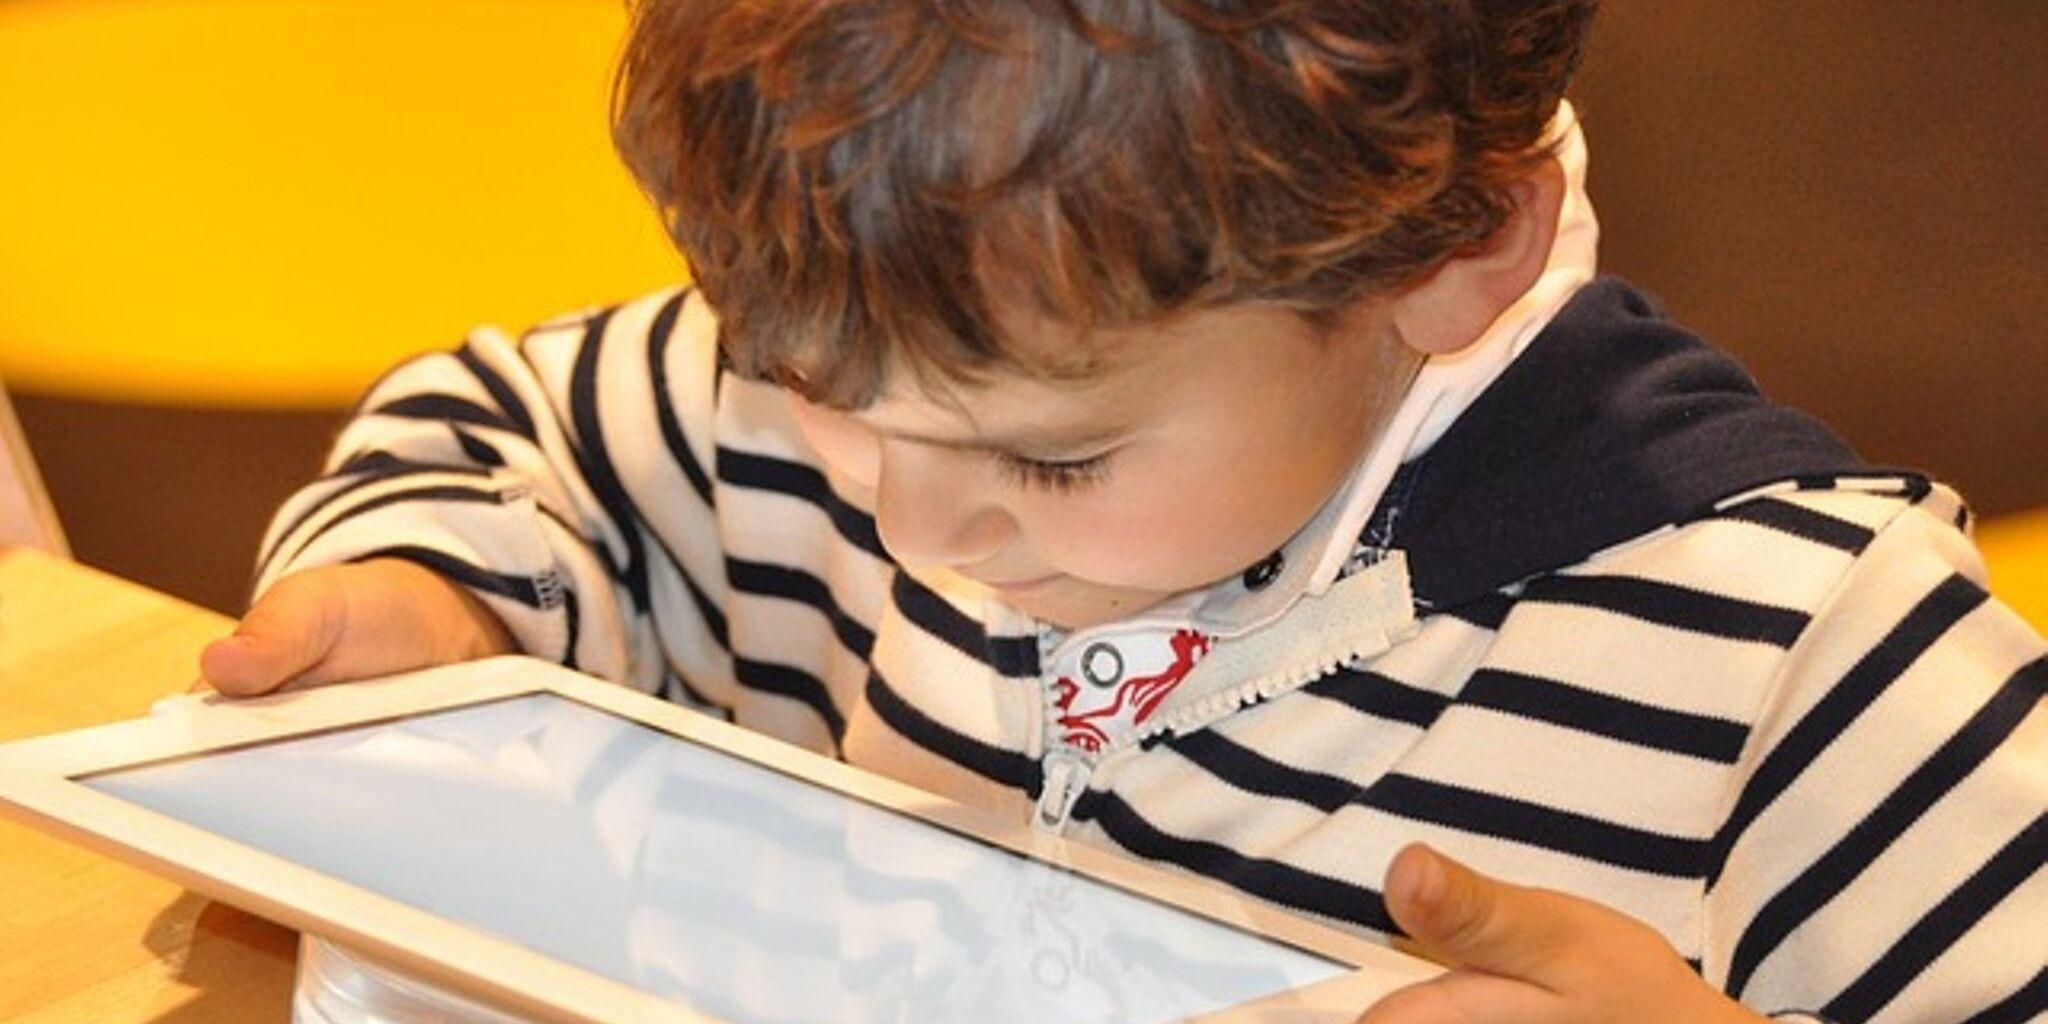 Børn og teknologi: godt og dårligt